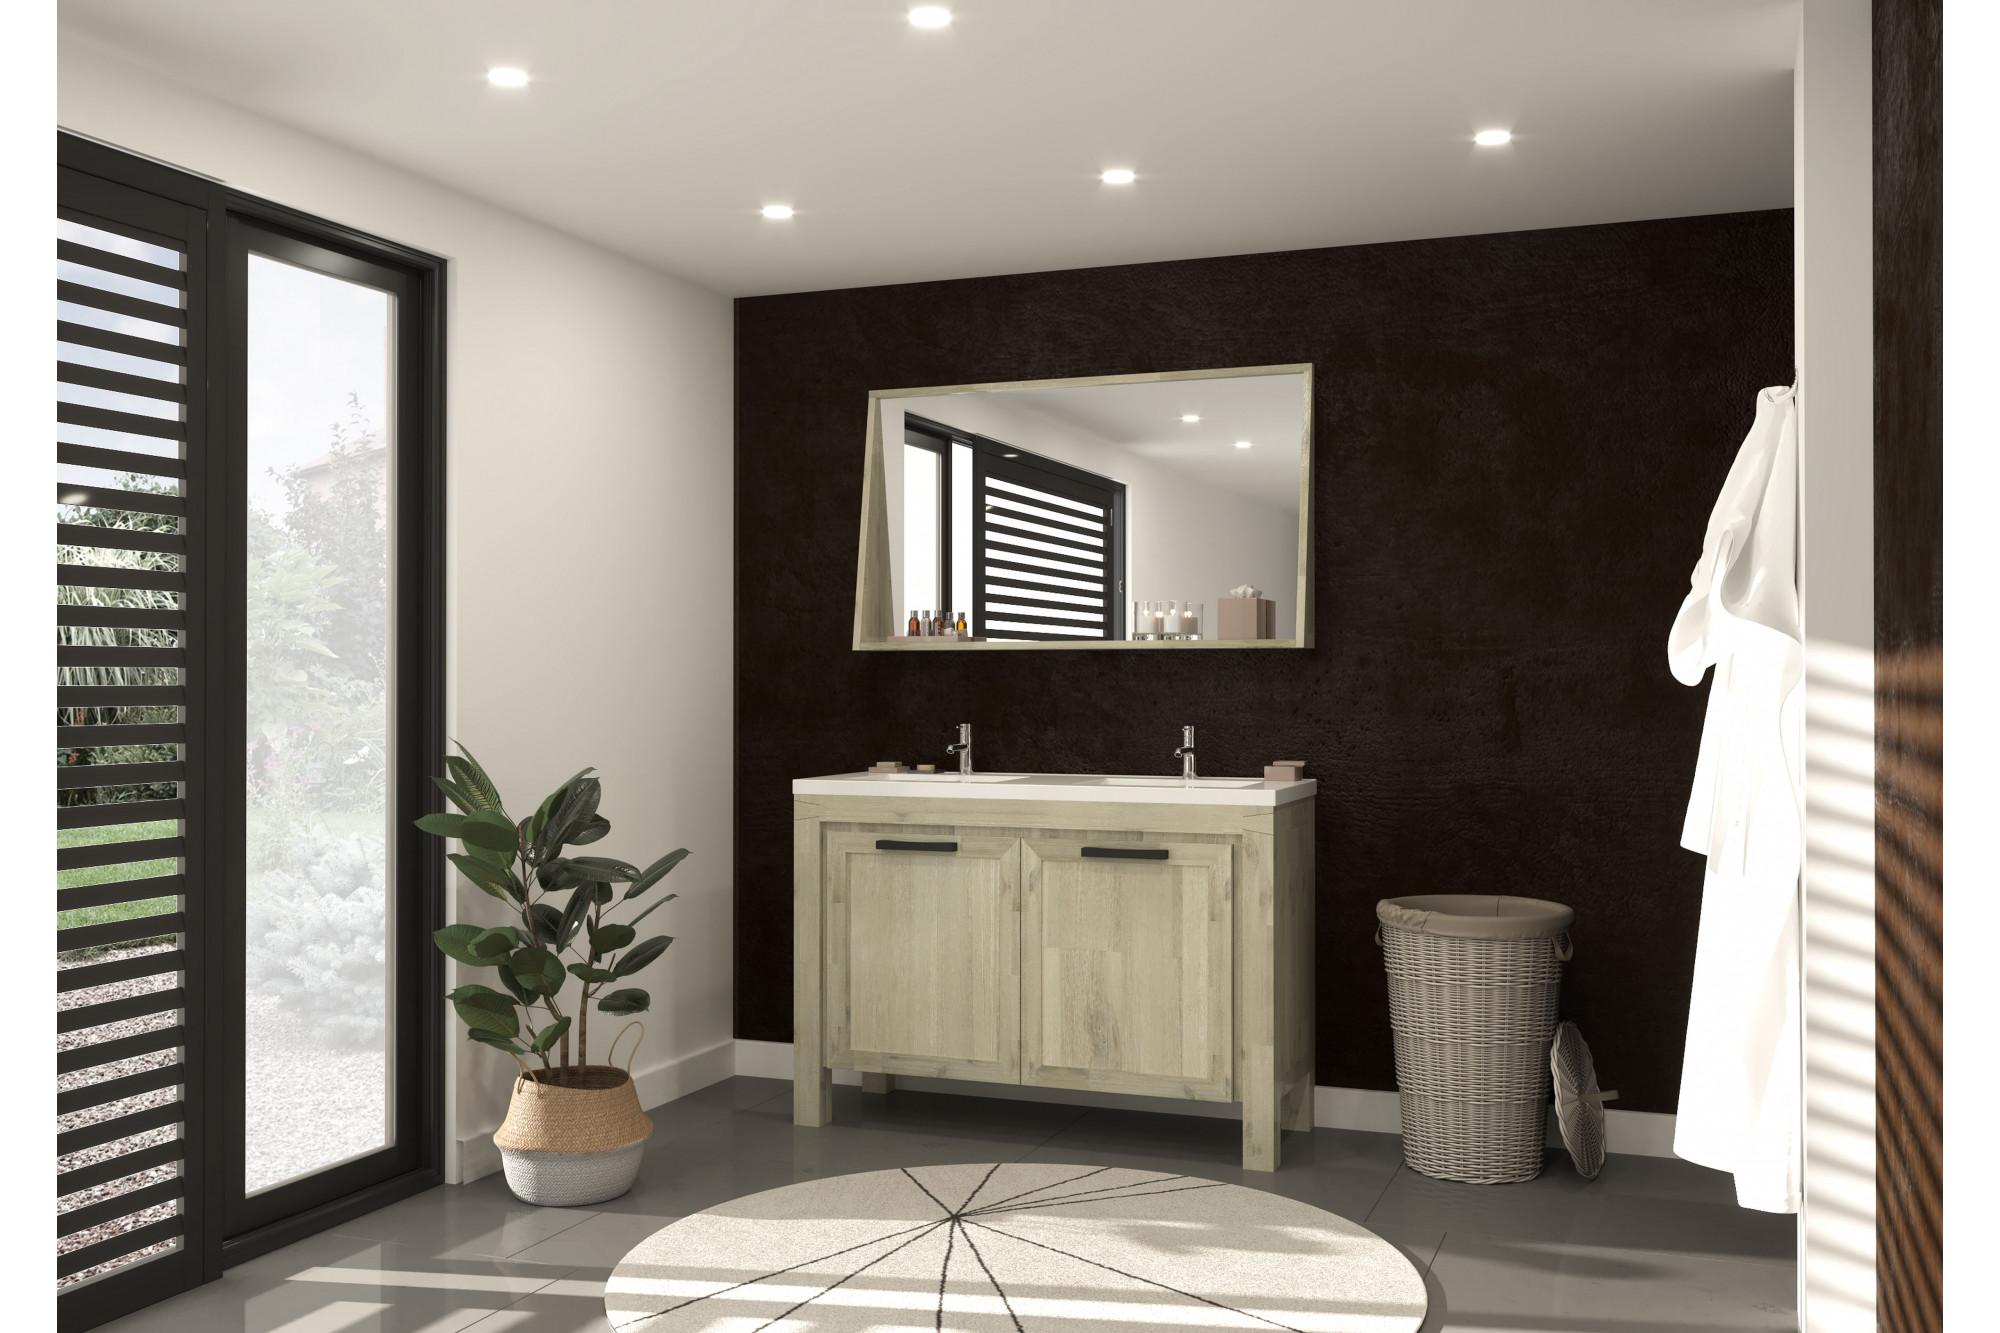 Salle De Bain Avec Bois meuble de salle de bain en bois massif de 120 cm avec double vasque et  miroir - hellin